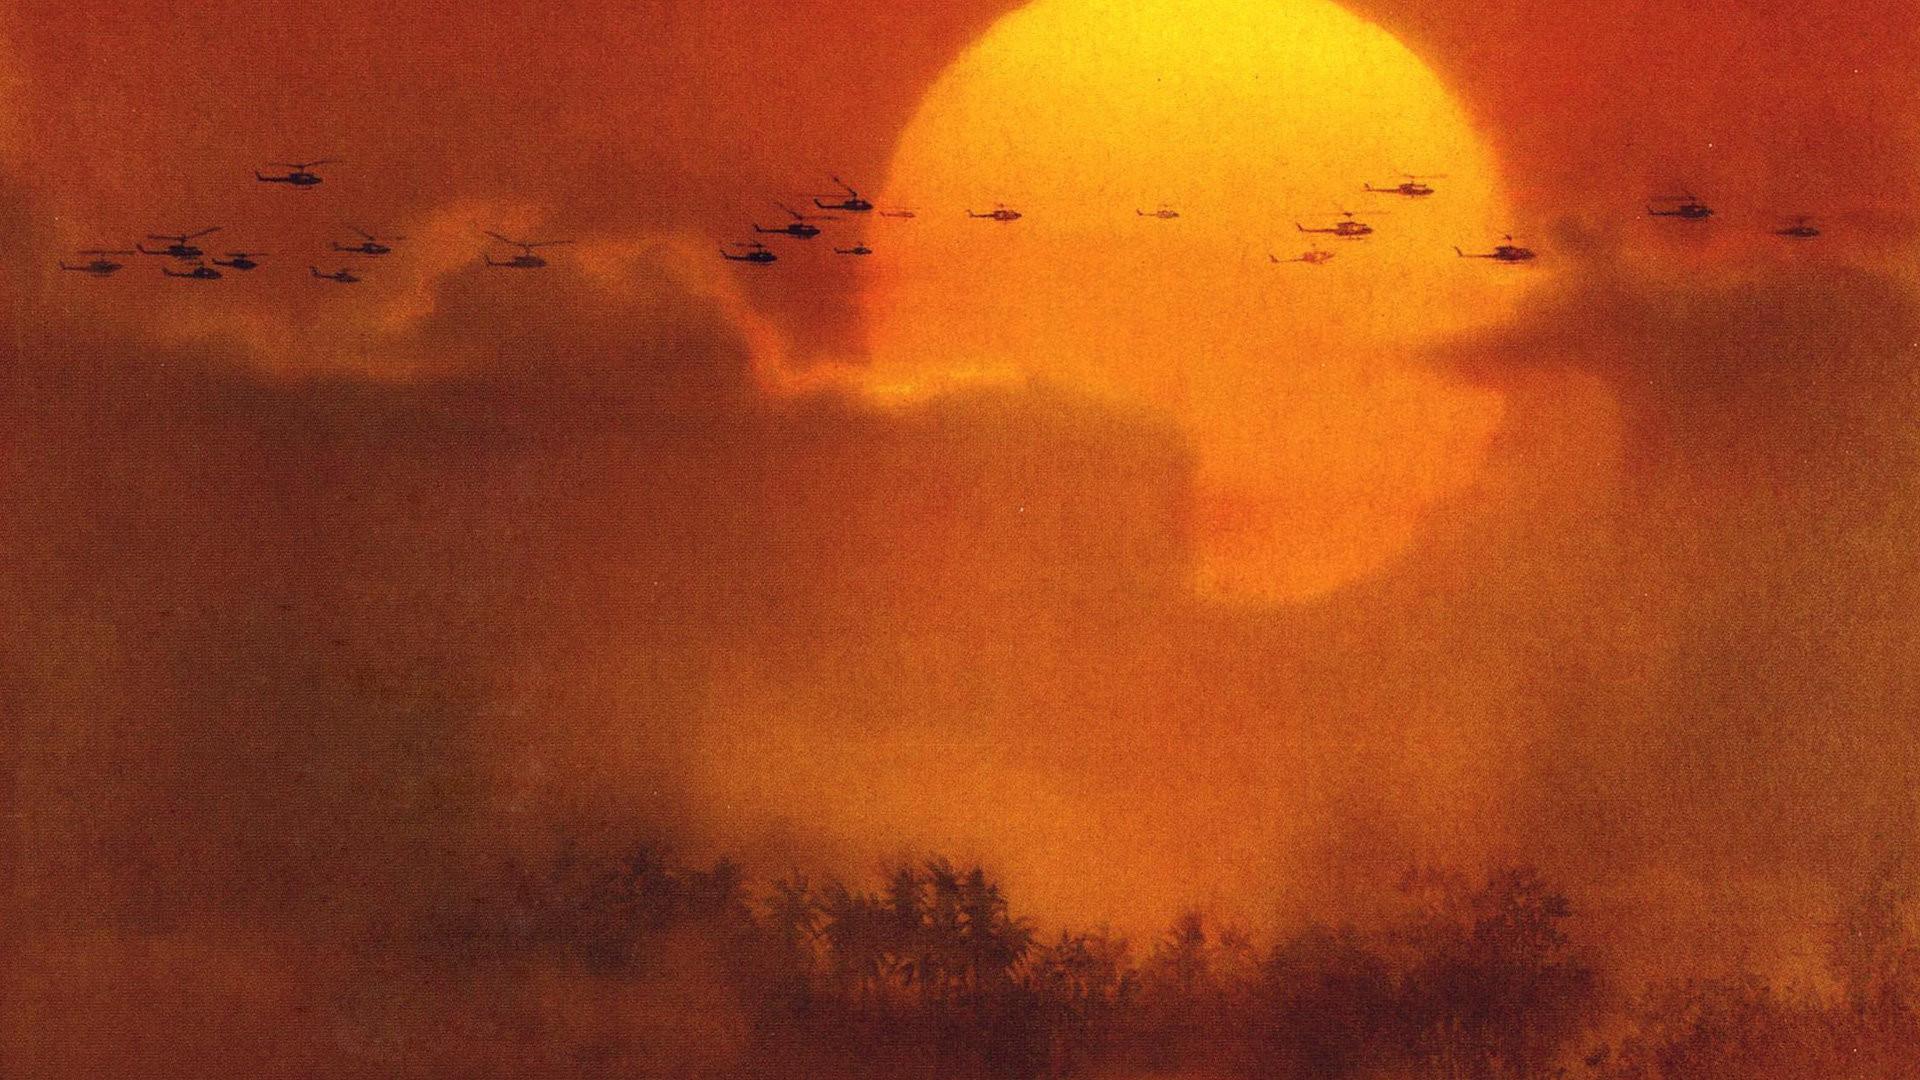 Apocalypse Now Extrait_apocalypse-now_21